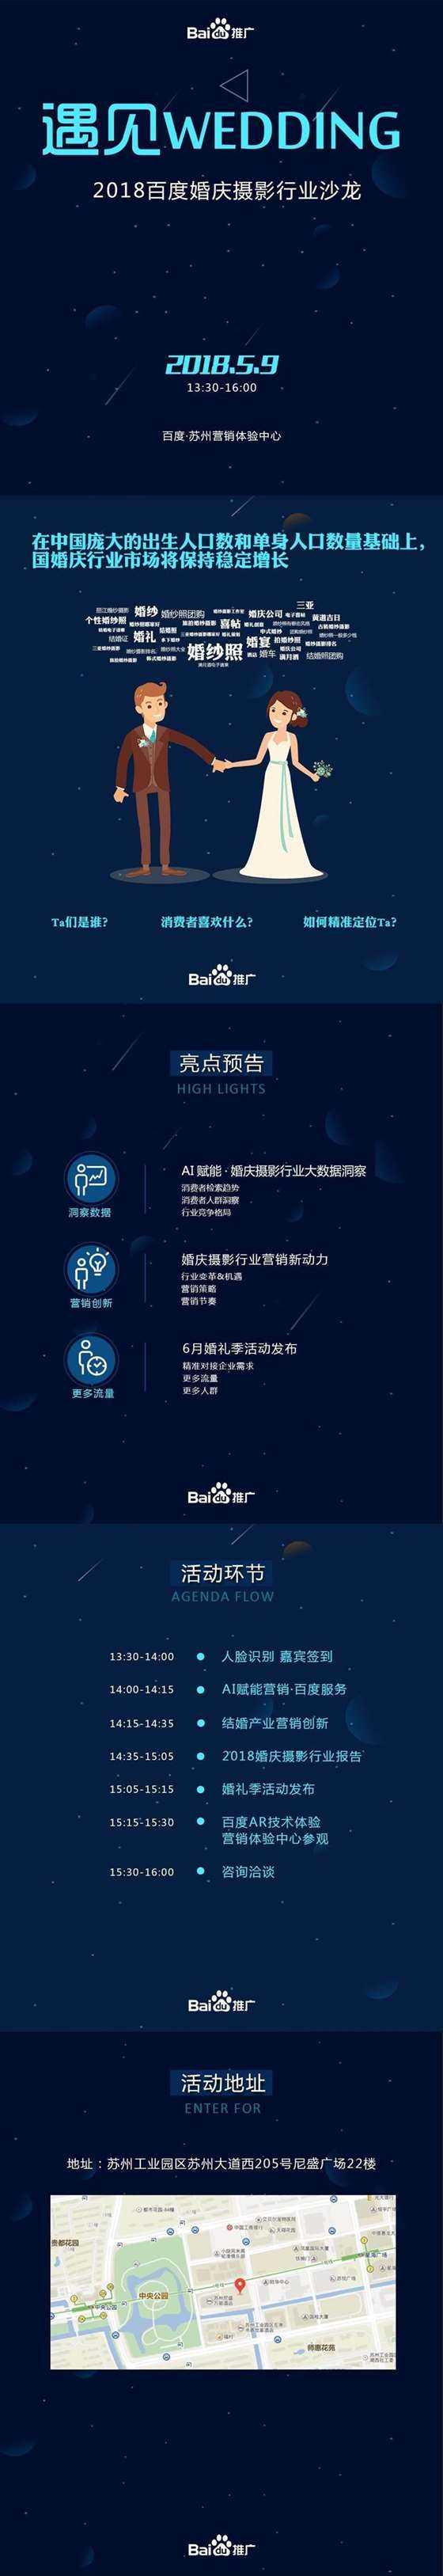 互动吧婚庆沙龙宣传长图.png